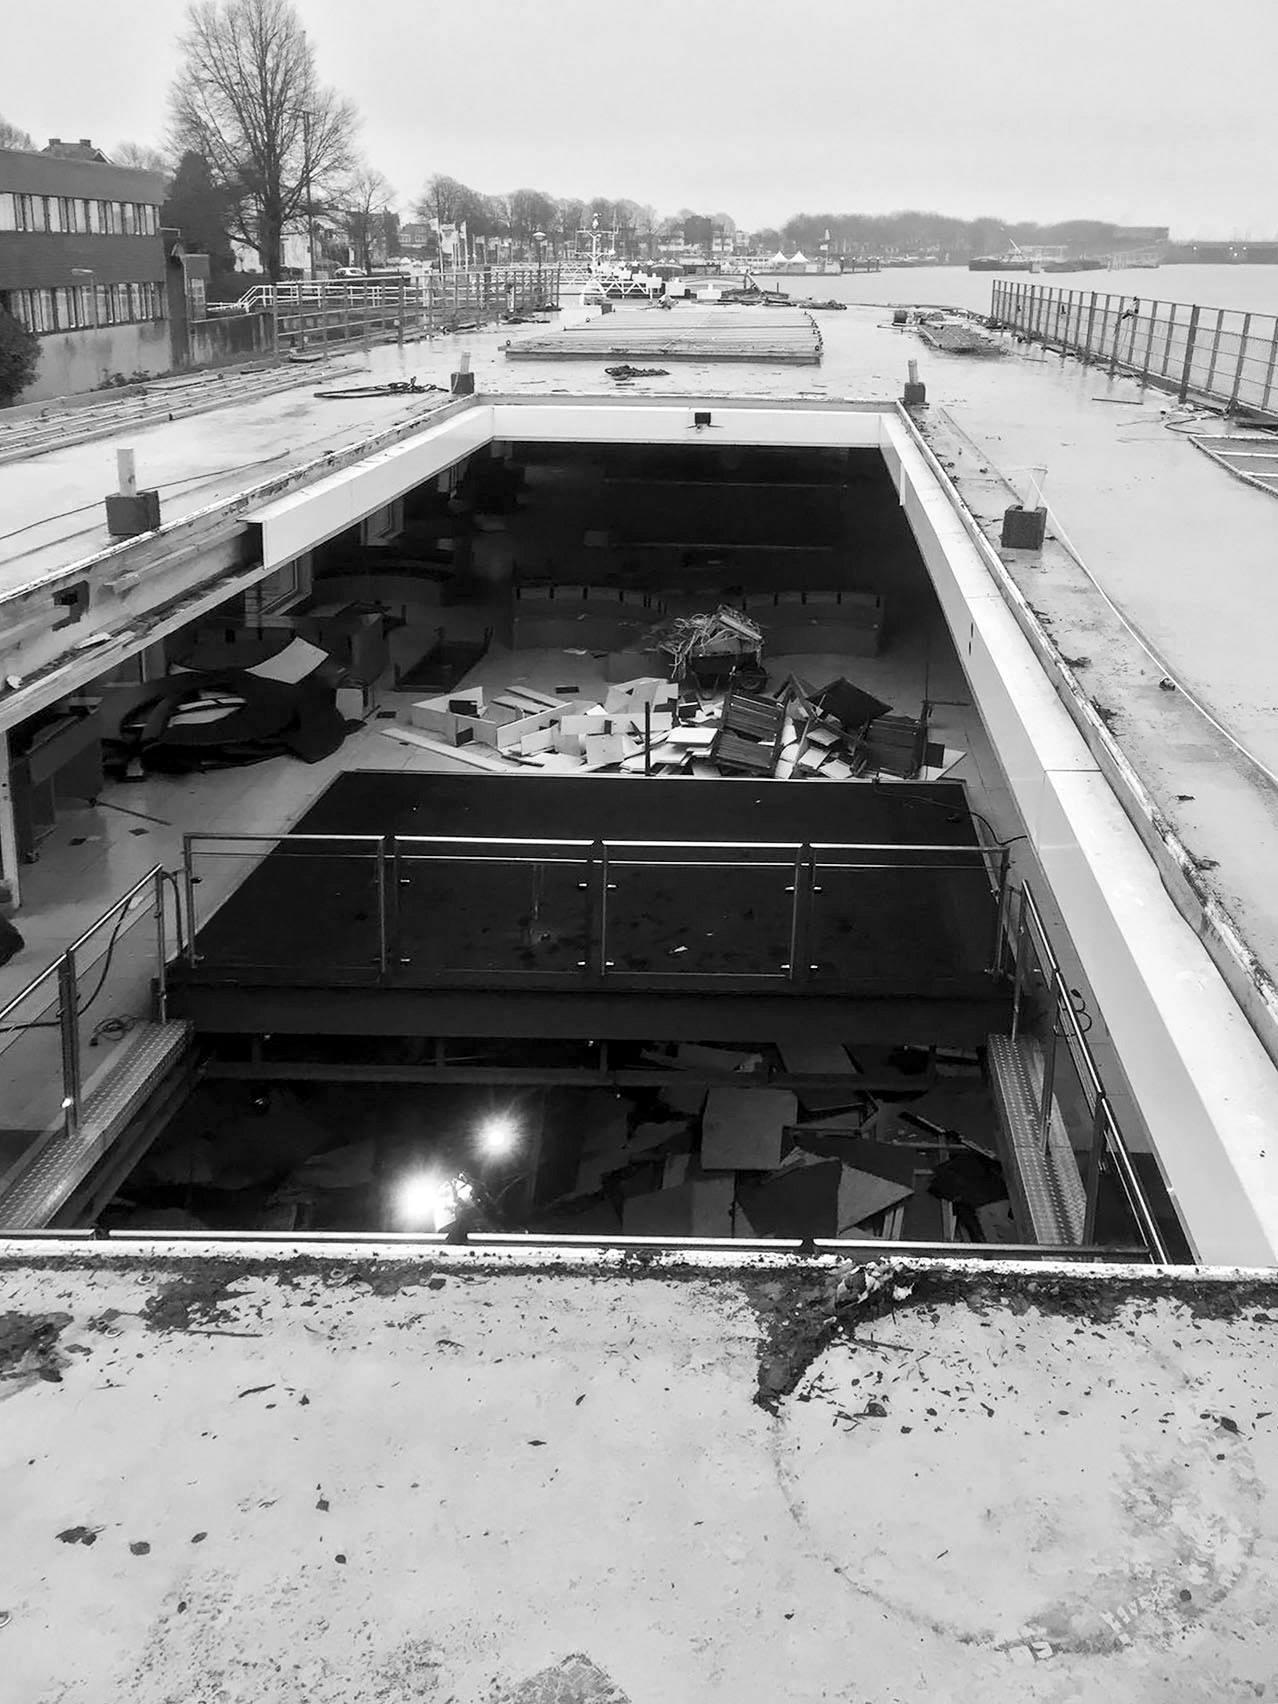 Die Schiffsluke gewährt tiefen Einblick in die aufwändige Baustelle.